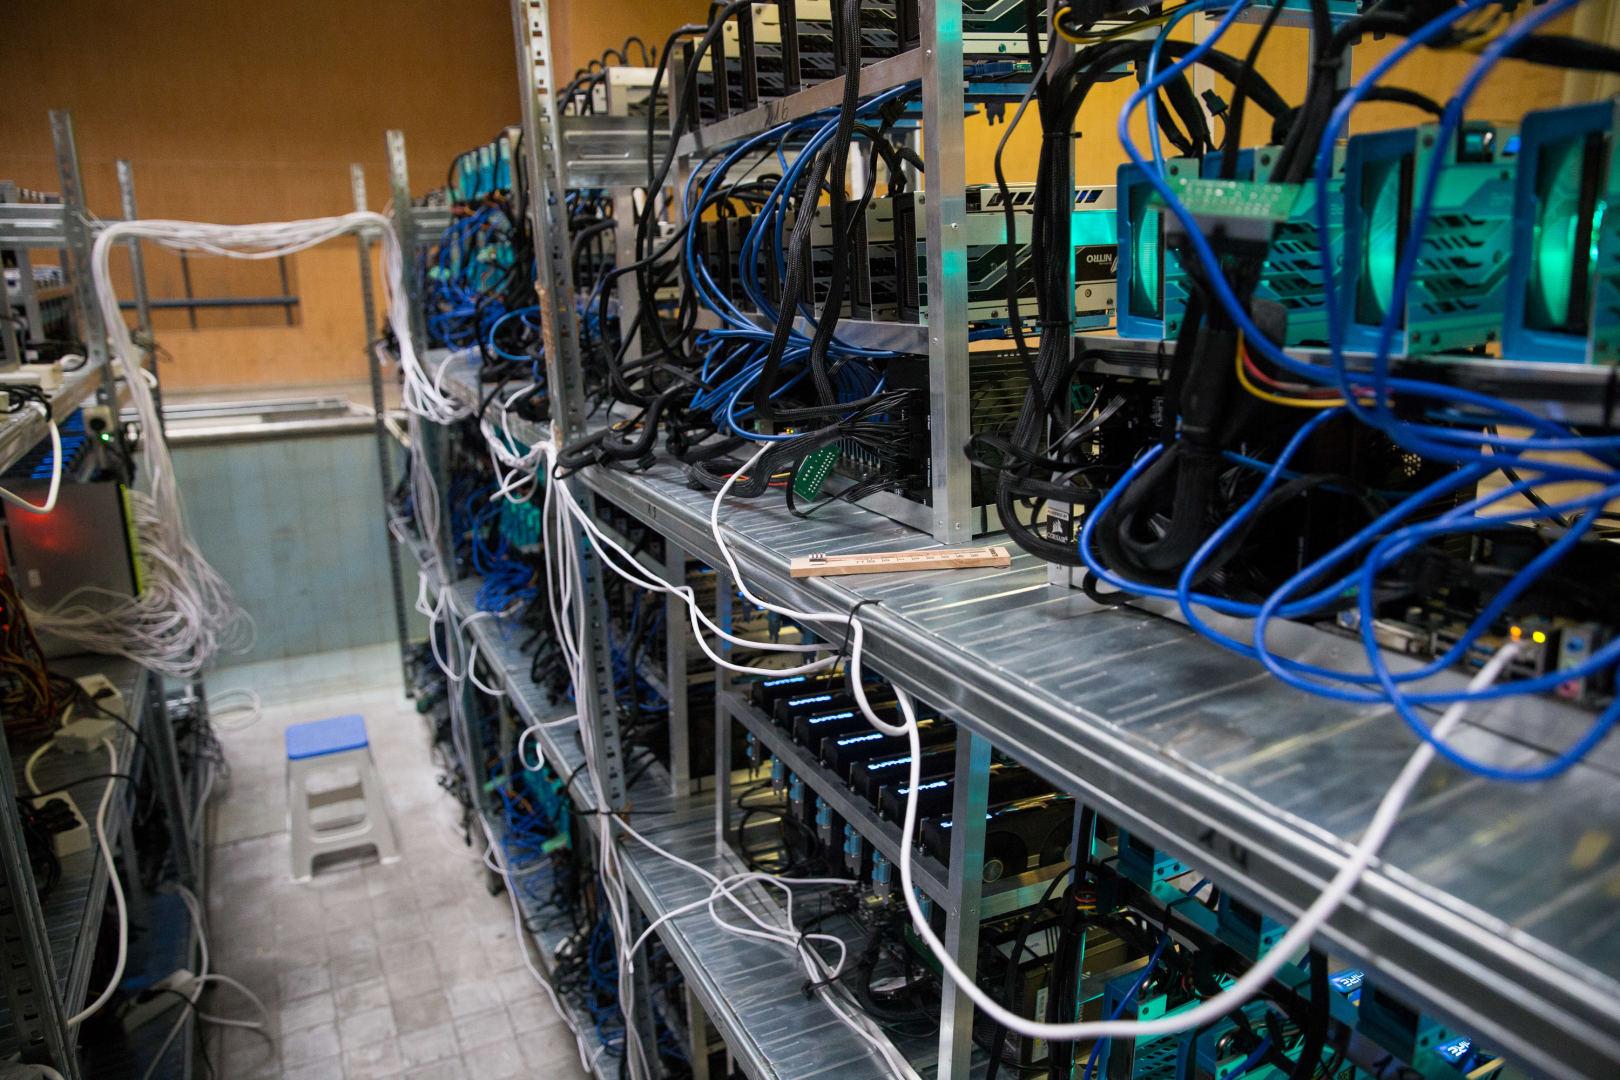 prekyba kriptovaliutų pamokomis į kokius geriausius bitkoinus galima investuoti